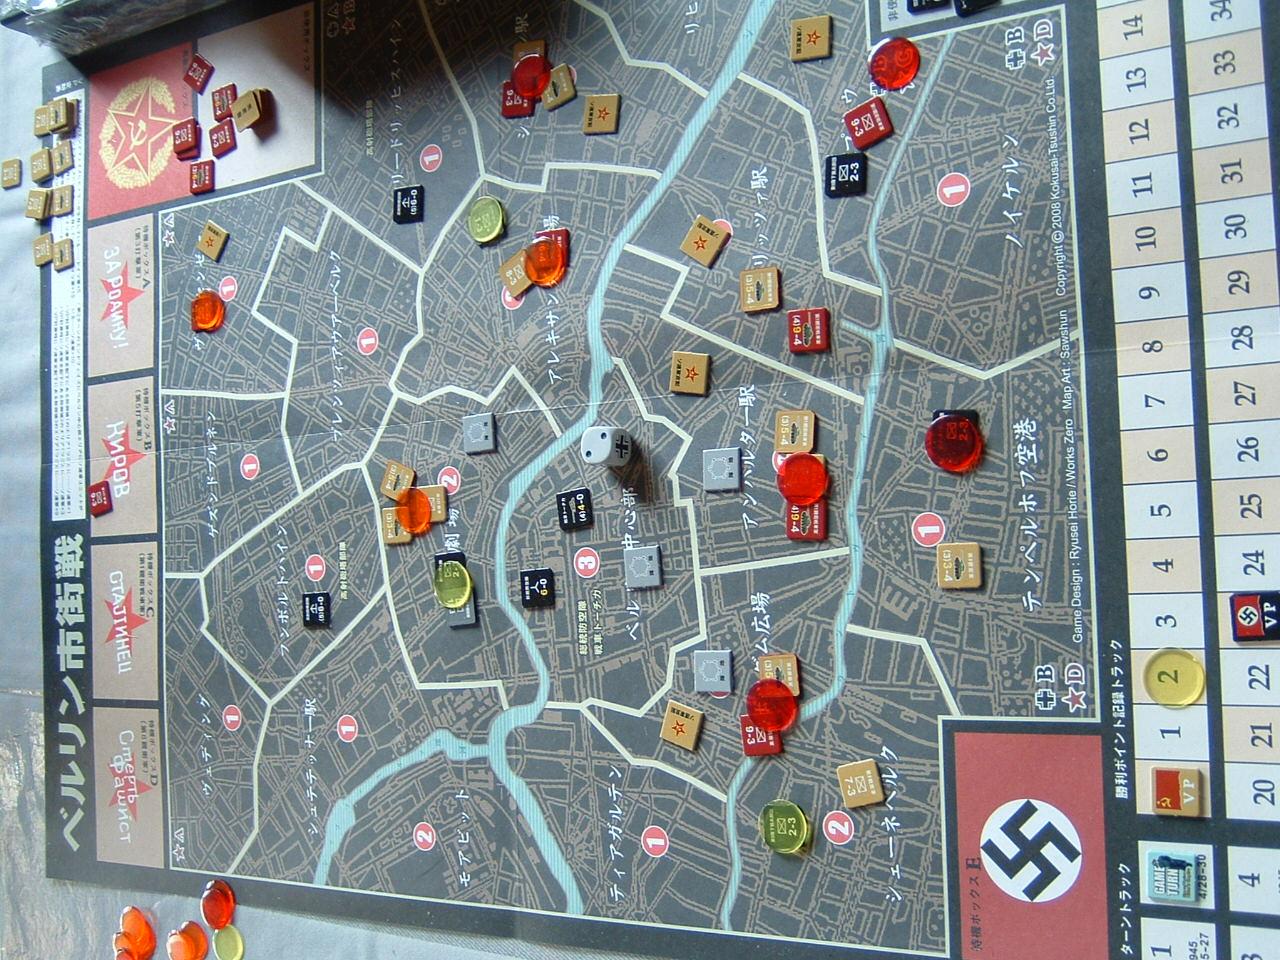 発掘2008.2.29対戦写真(CMJ誌79付録)ベルリン市街戦 その2_b0173672_12284058.jpg